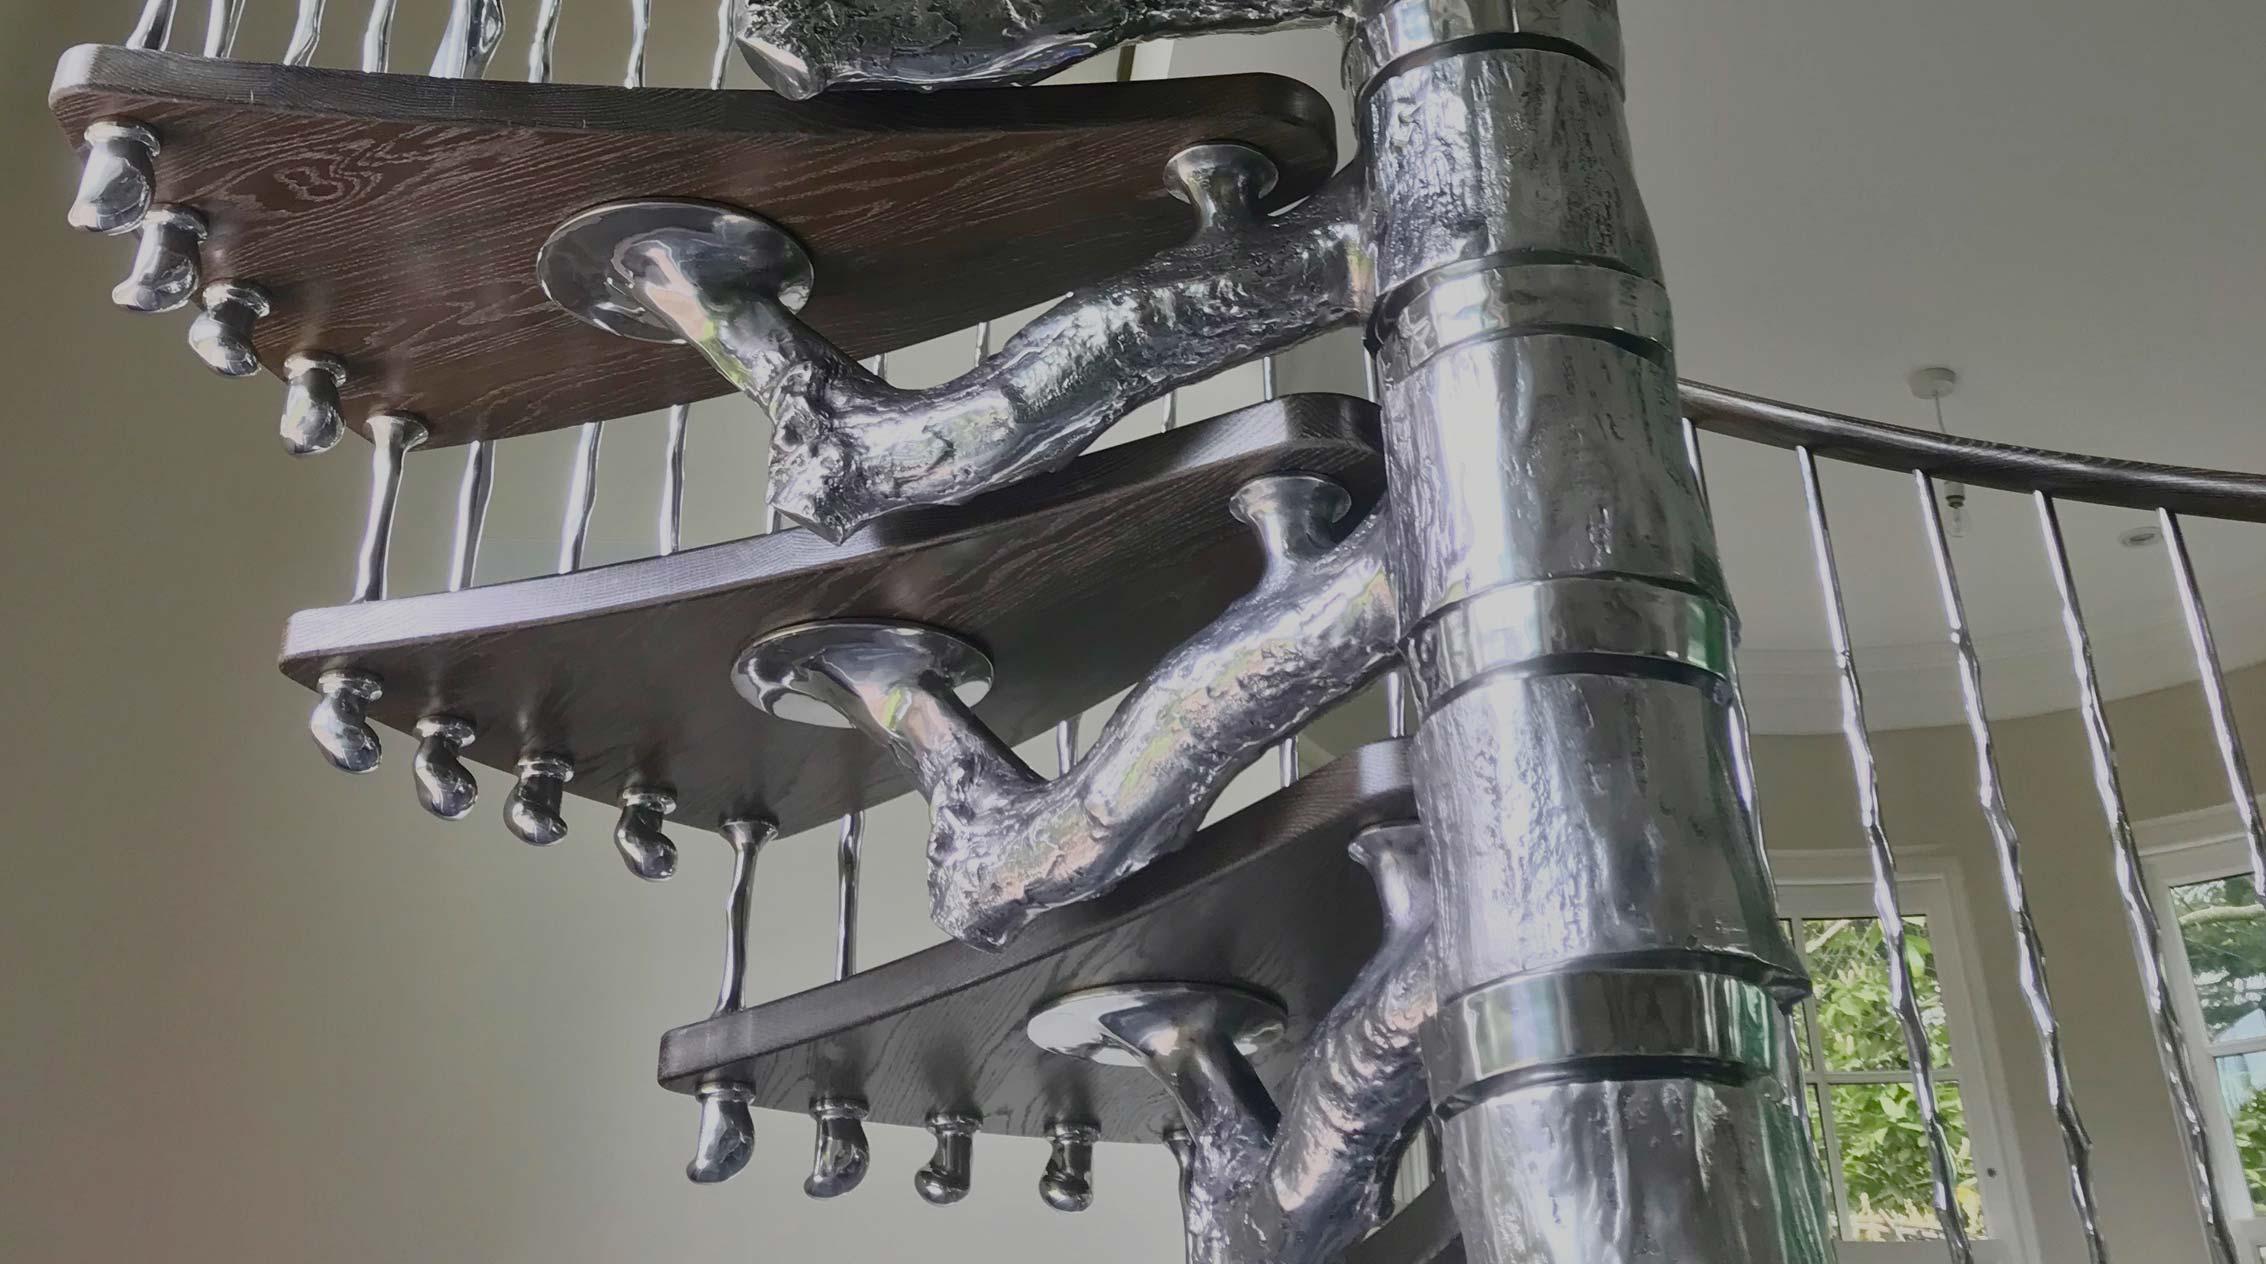 Bespoke-staircases-header-03 Bespoke Staircases